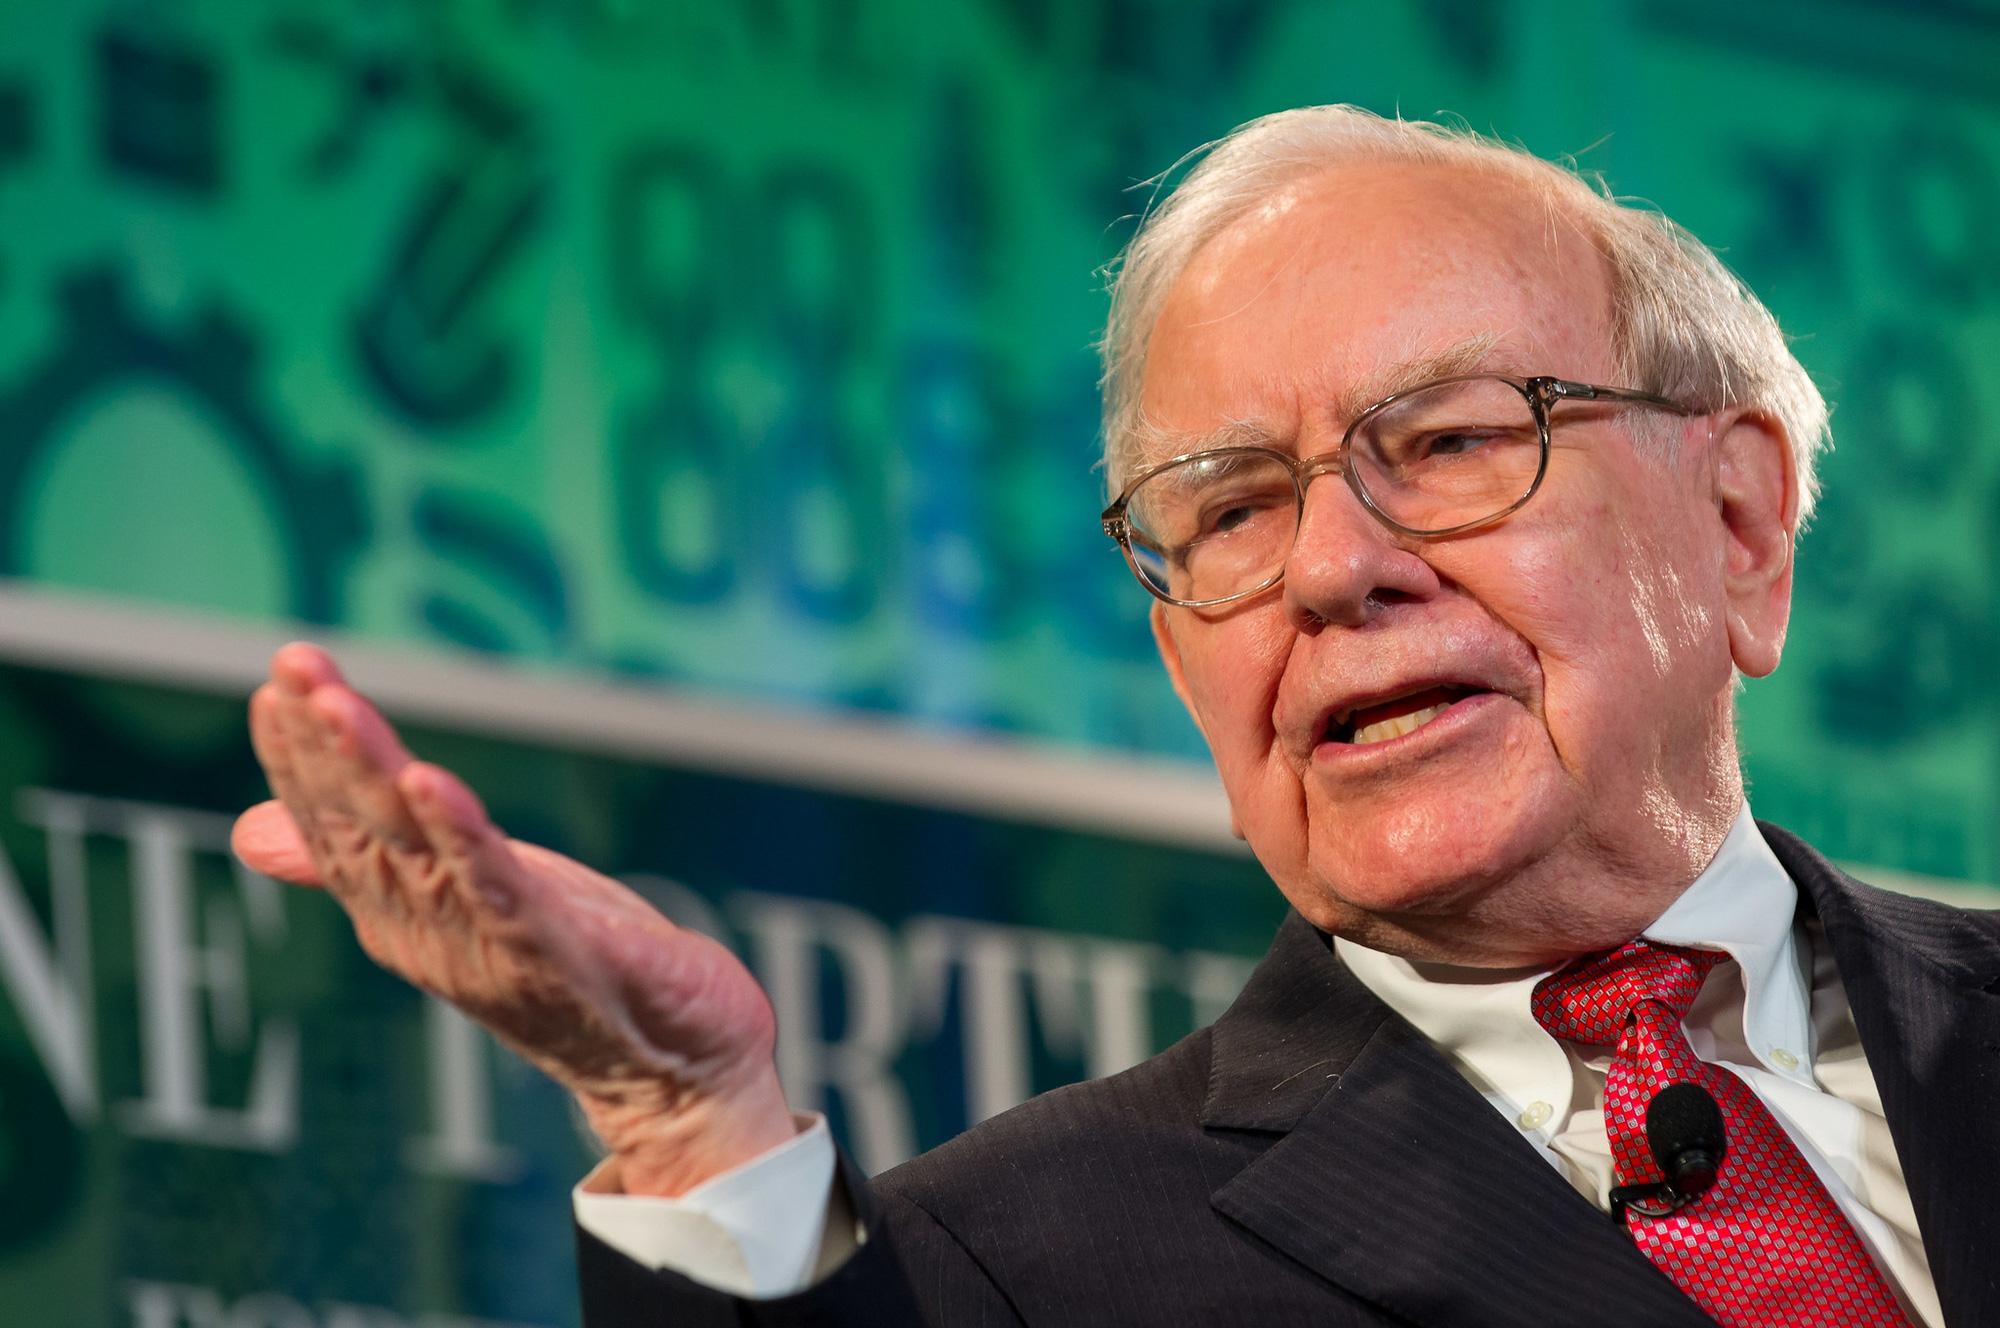 Trong 40 năm điều hành đế chế đầu tư Berkshire Hathaway, ông nhận mức lương khá khiêm tốn. Ảnh: @AFP.